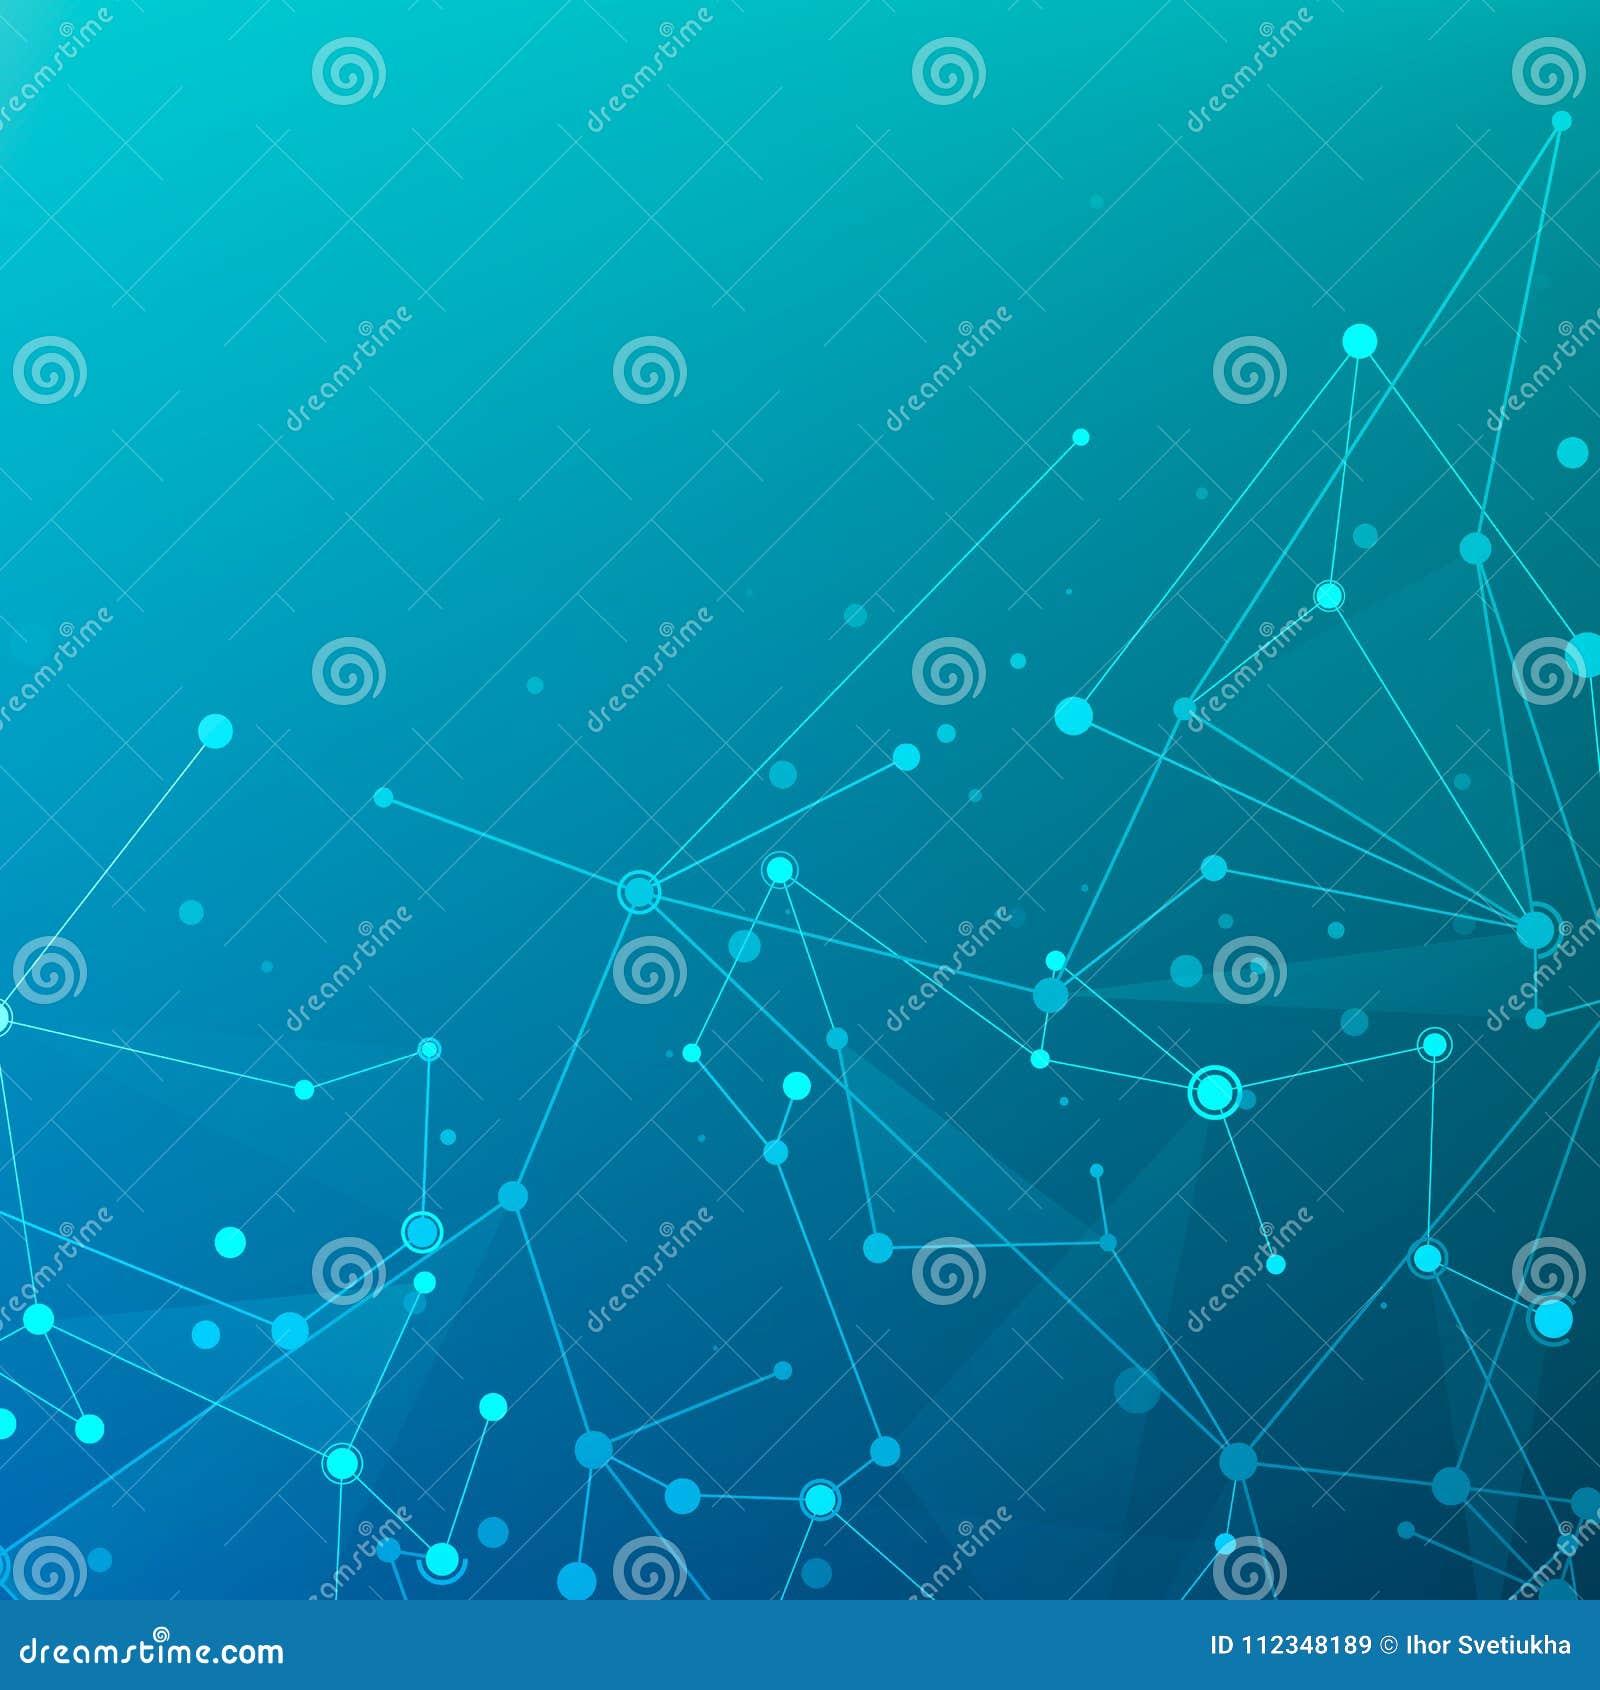 Reliez La Structure De Particules De L Espace Fond Bleu Fonce Bas